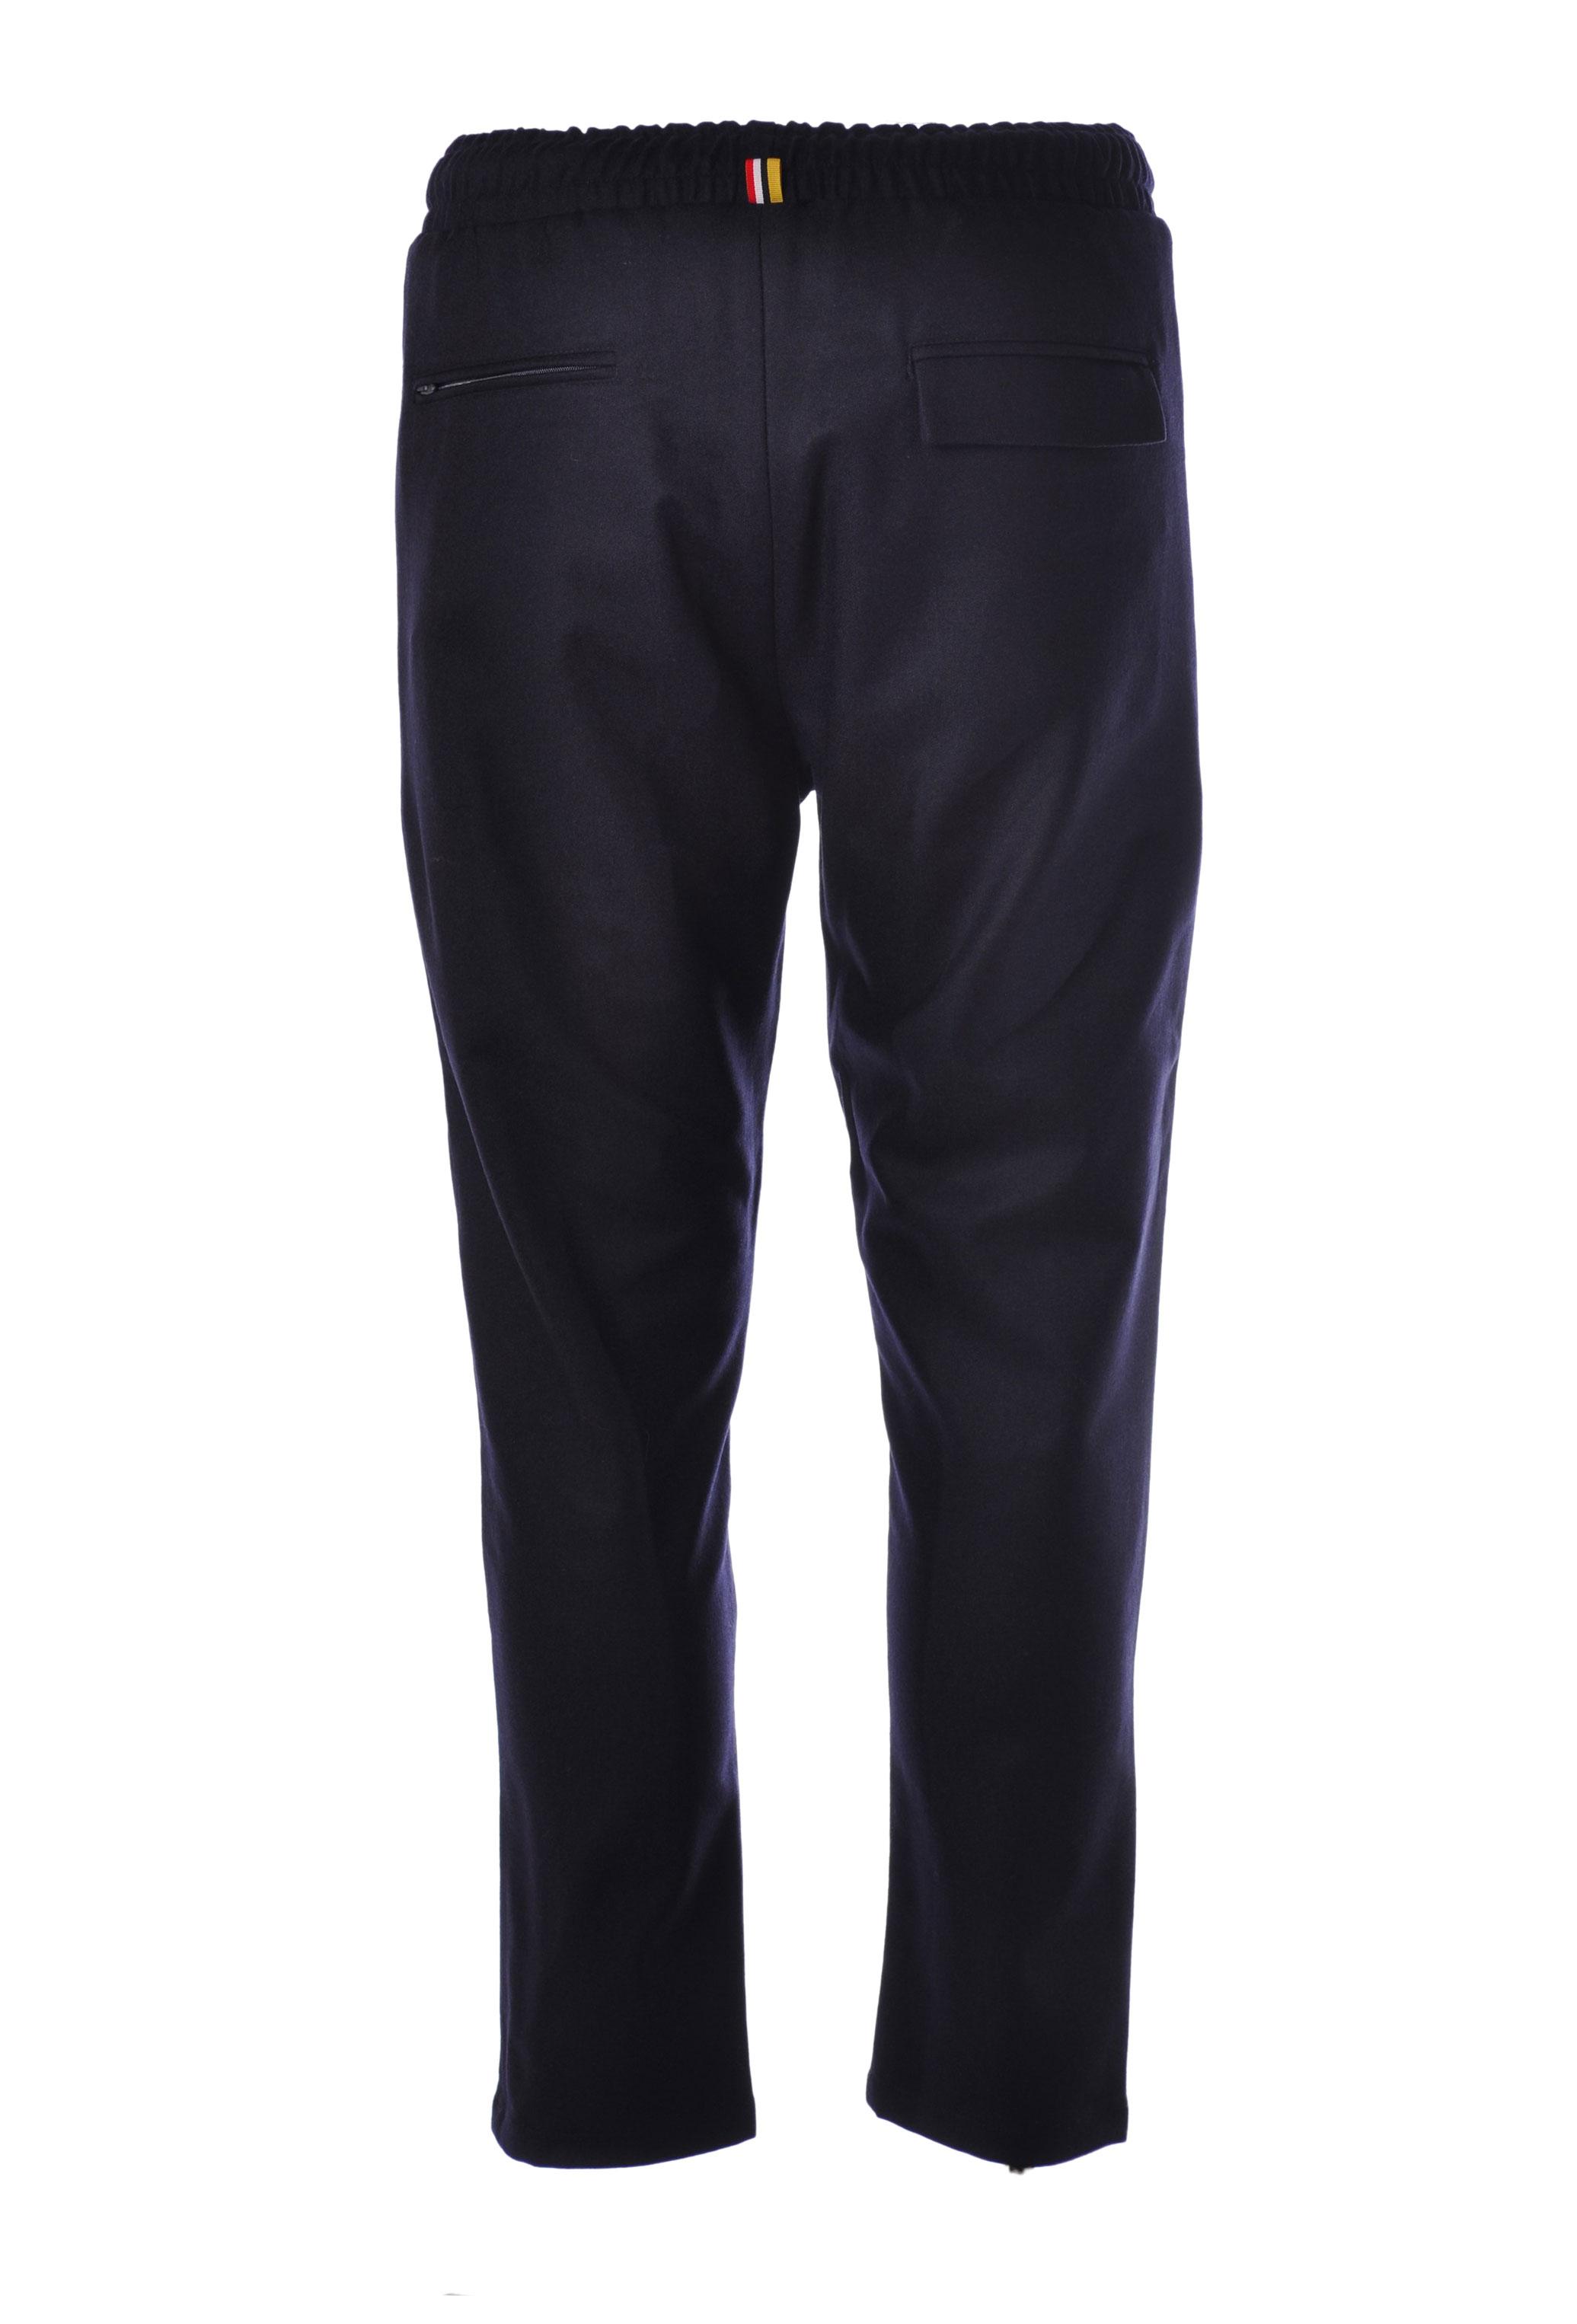 Low Brand - Pantaloni